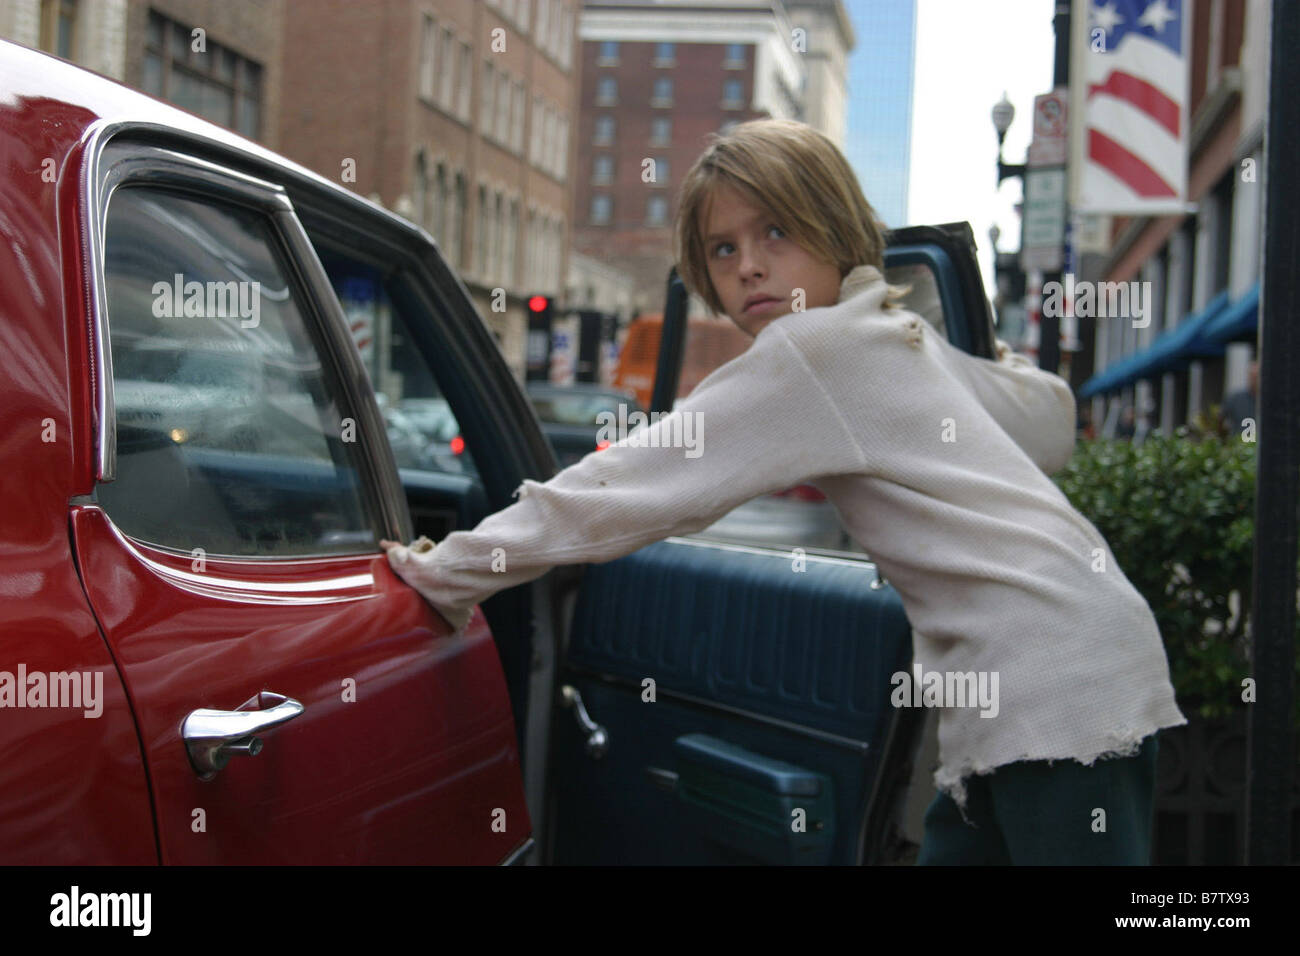 LE LIVRE DE Jérémie le coeur est trompeur par-dessus toutes choses 2004 - uk usa Cole ou Dylan Sprouse Photo Stock